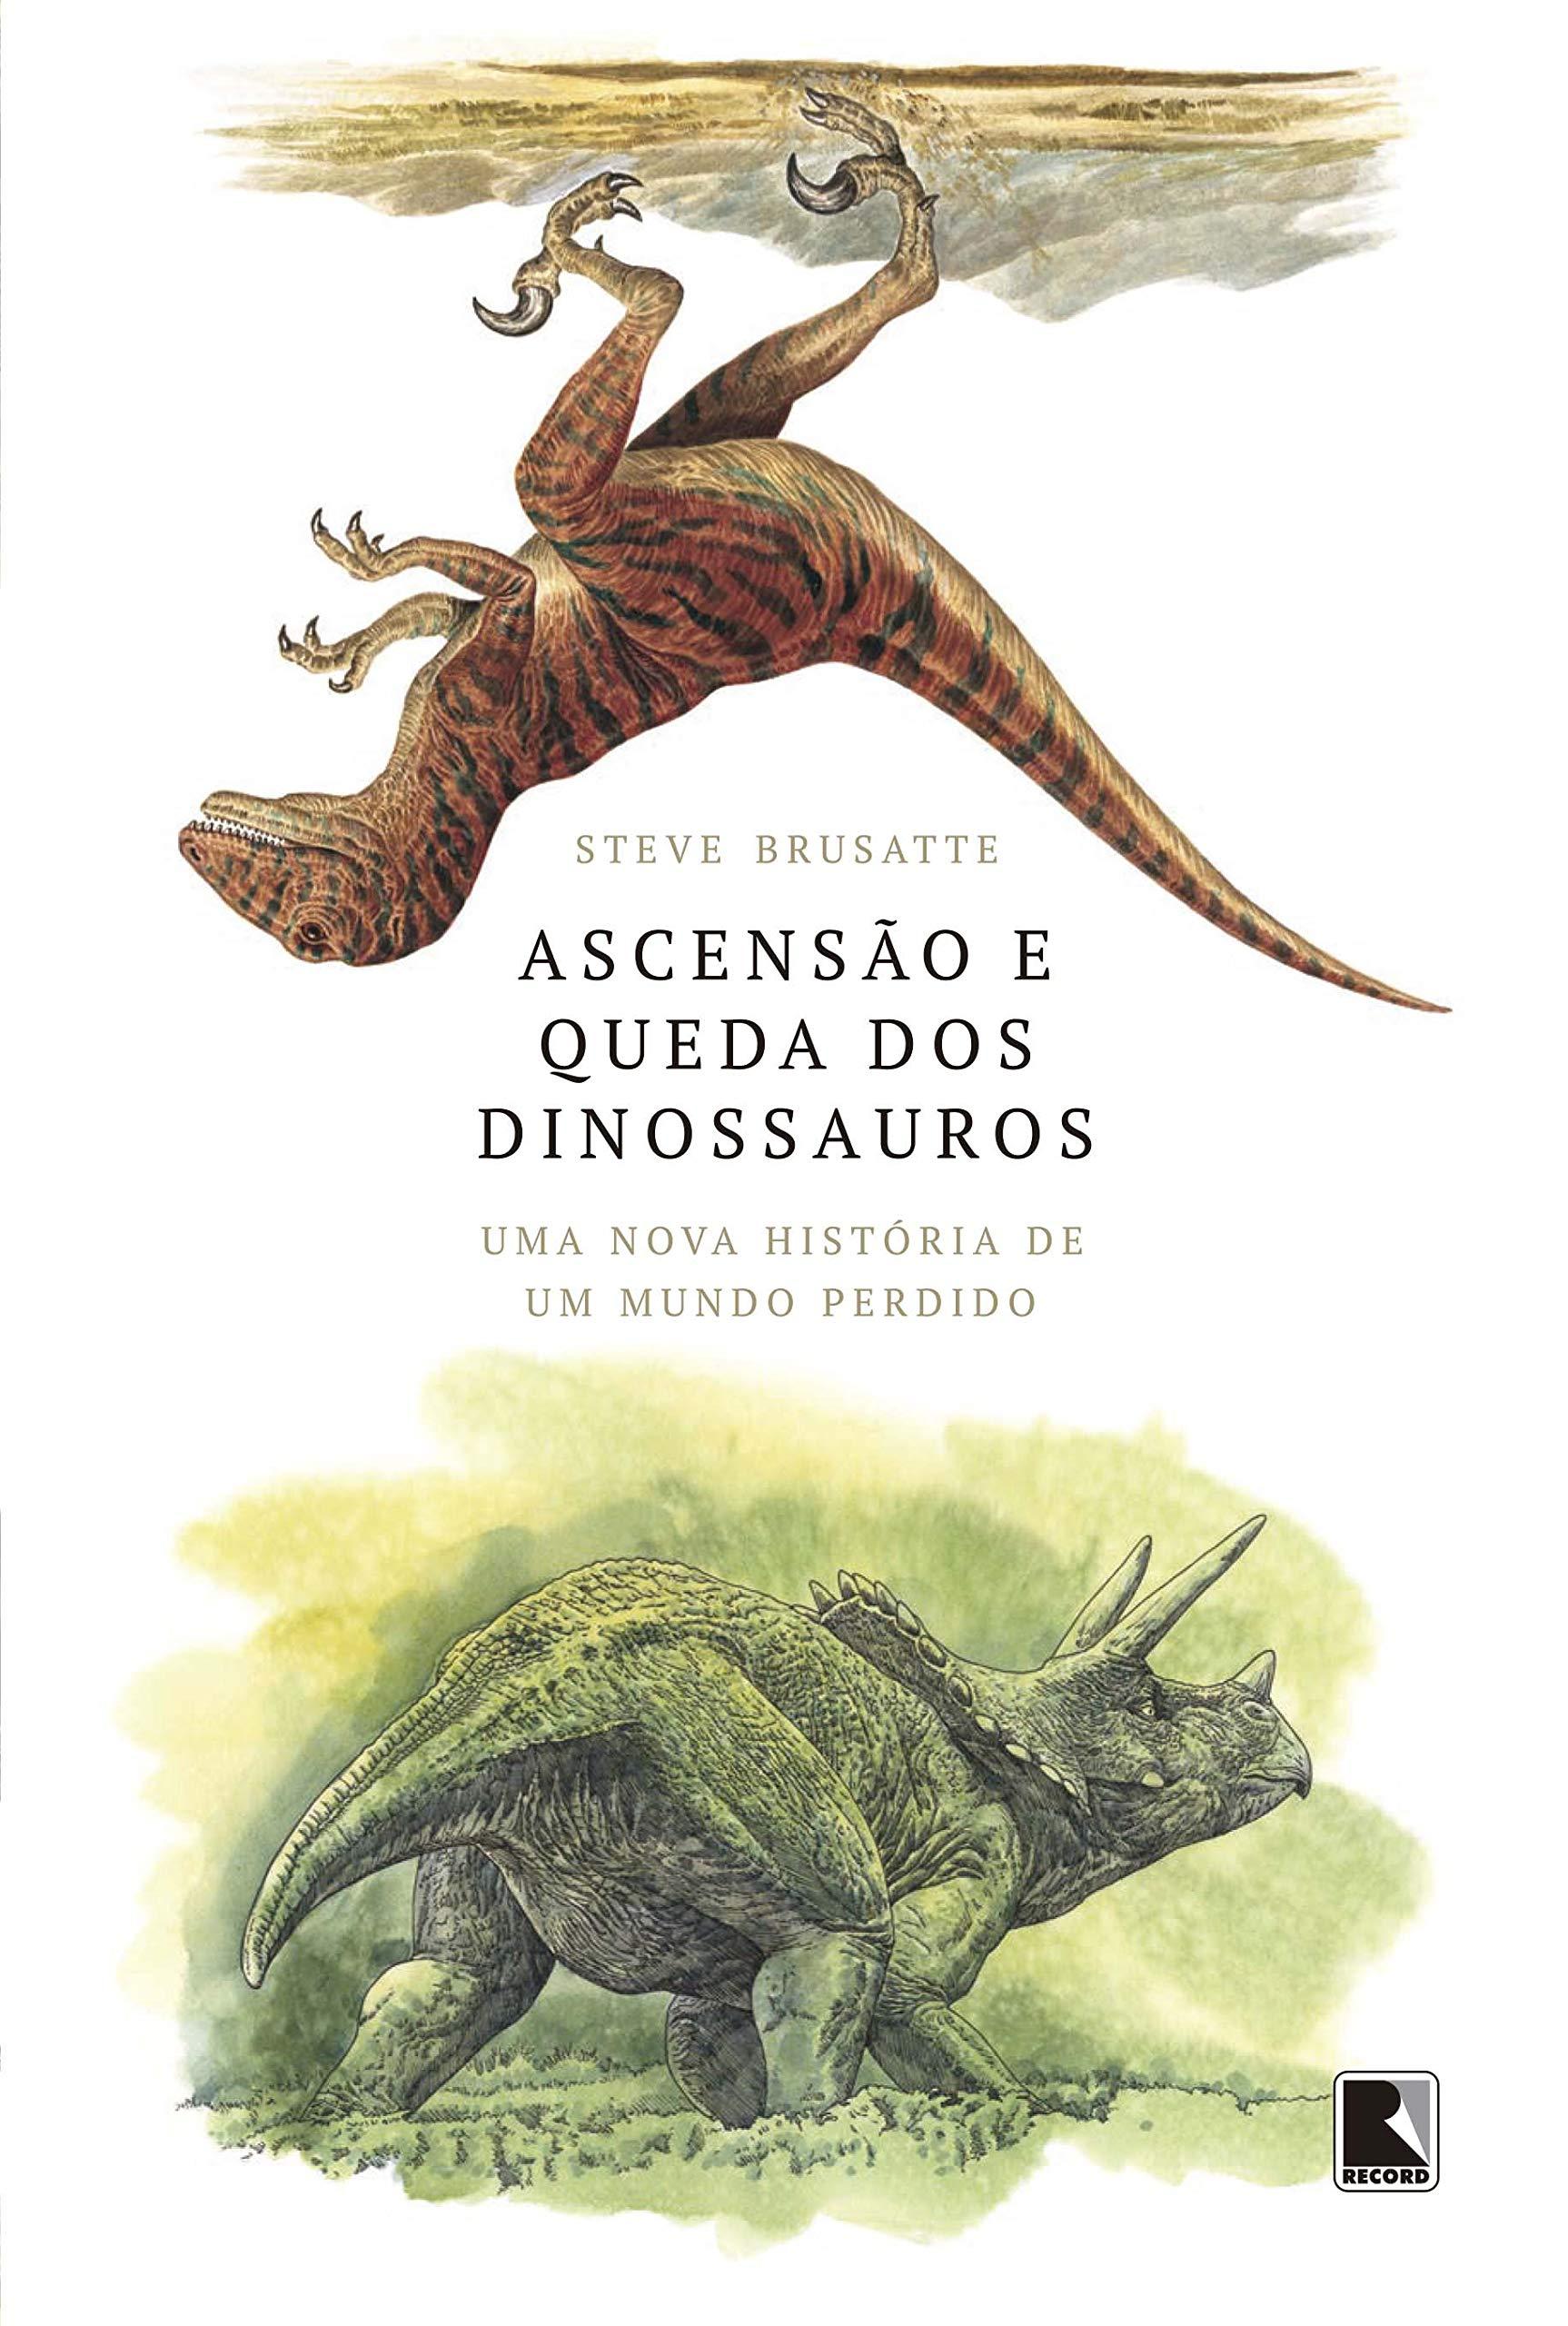 Uma nova história de um mundo perdido, em Ascensão e Queda dos Dinossauros   Literatura   Revista Ambrosia